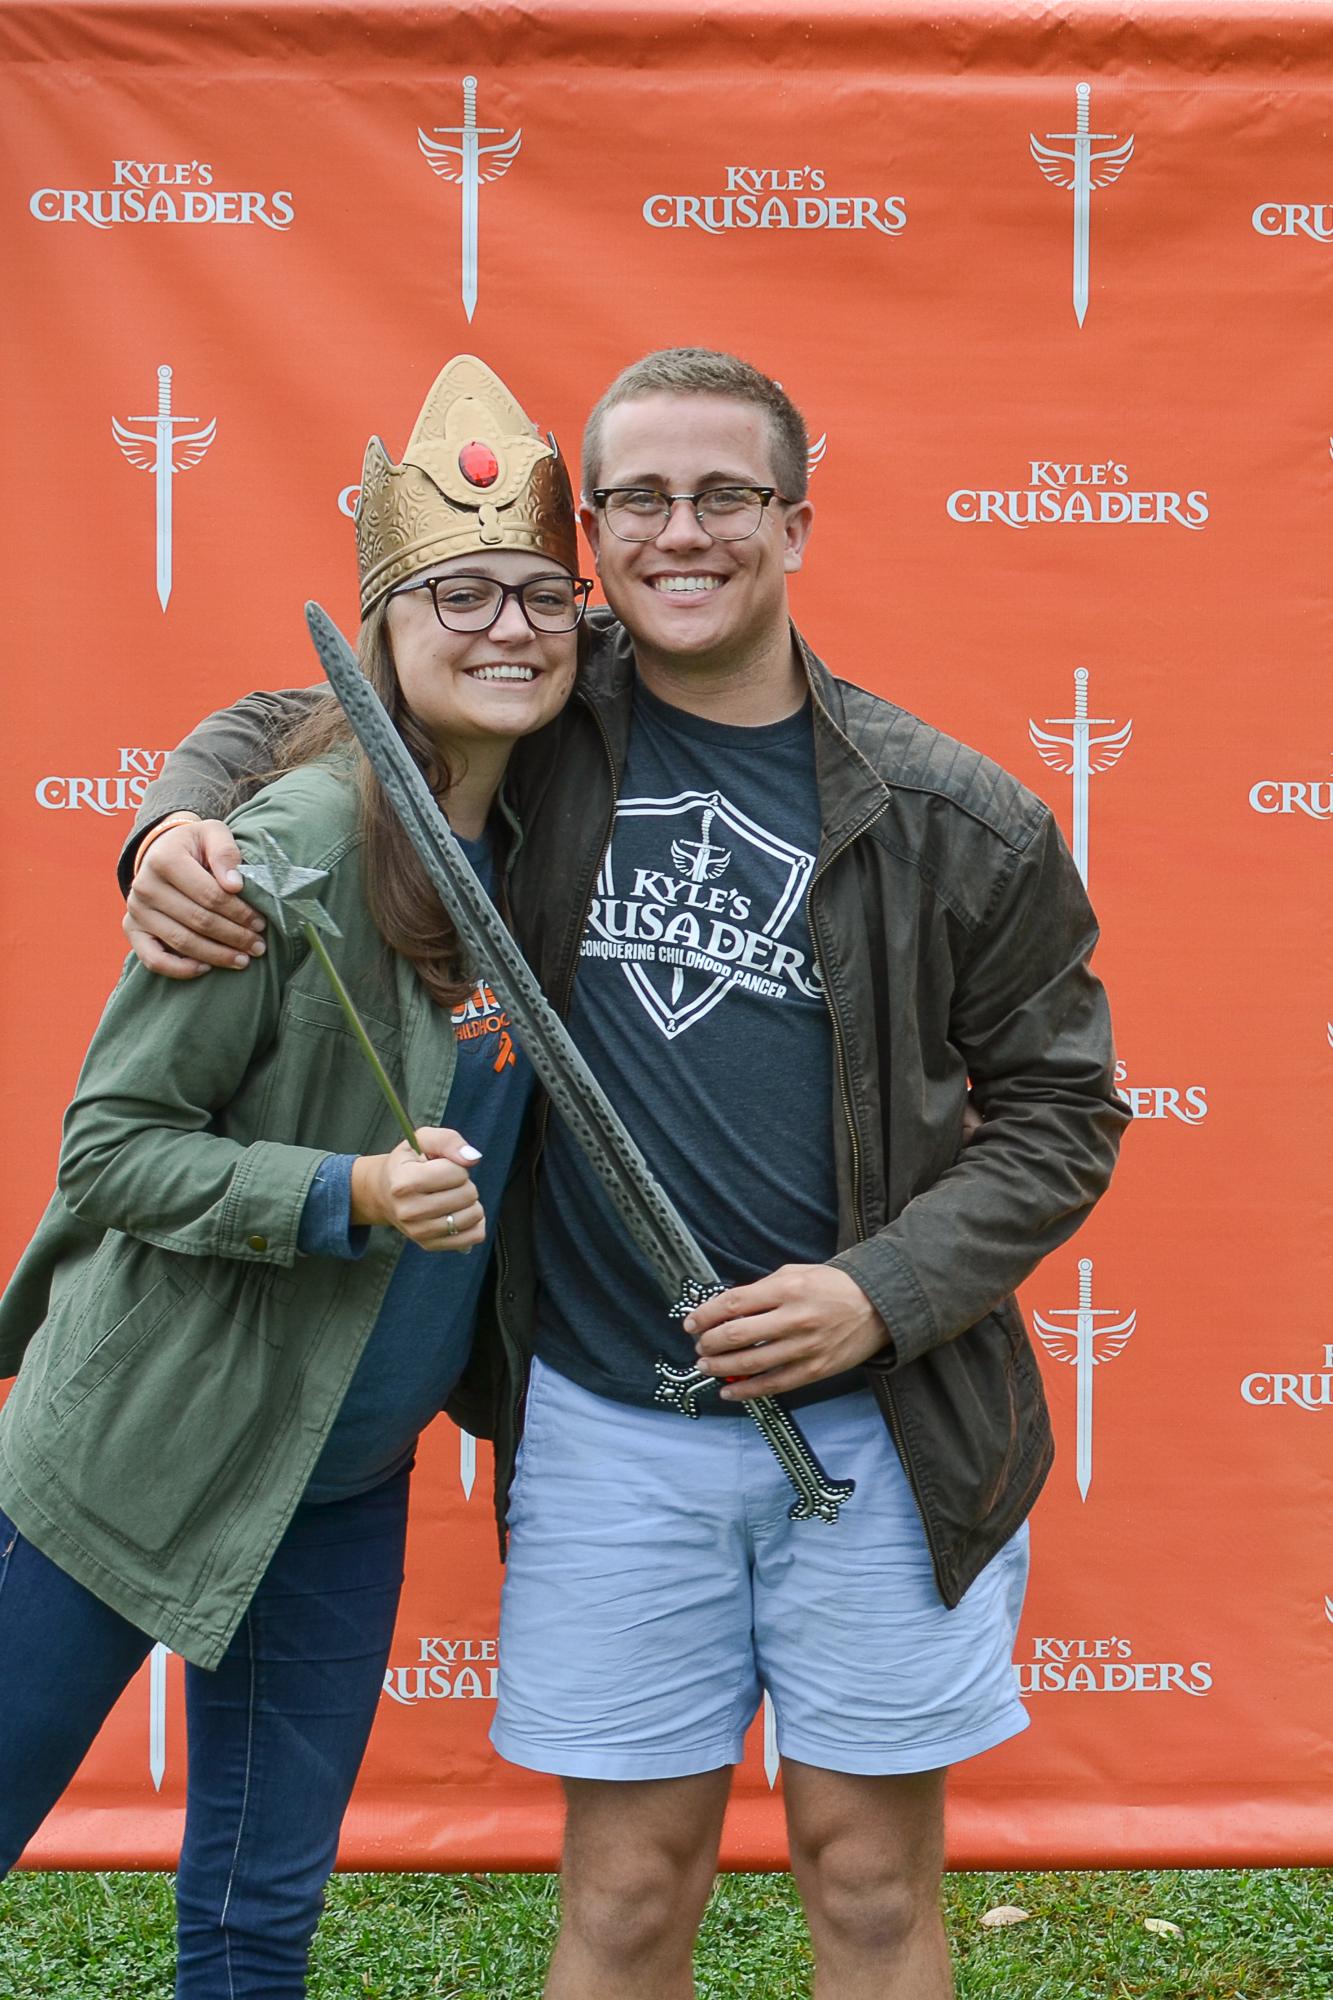 Kyle's Crusaders 2019-9171